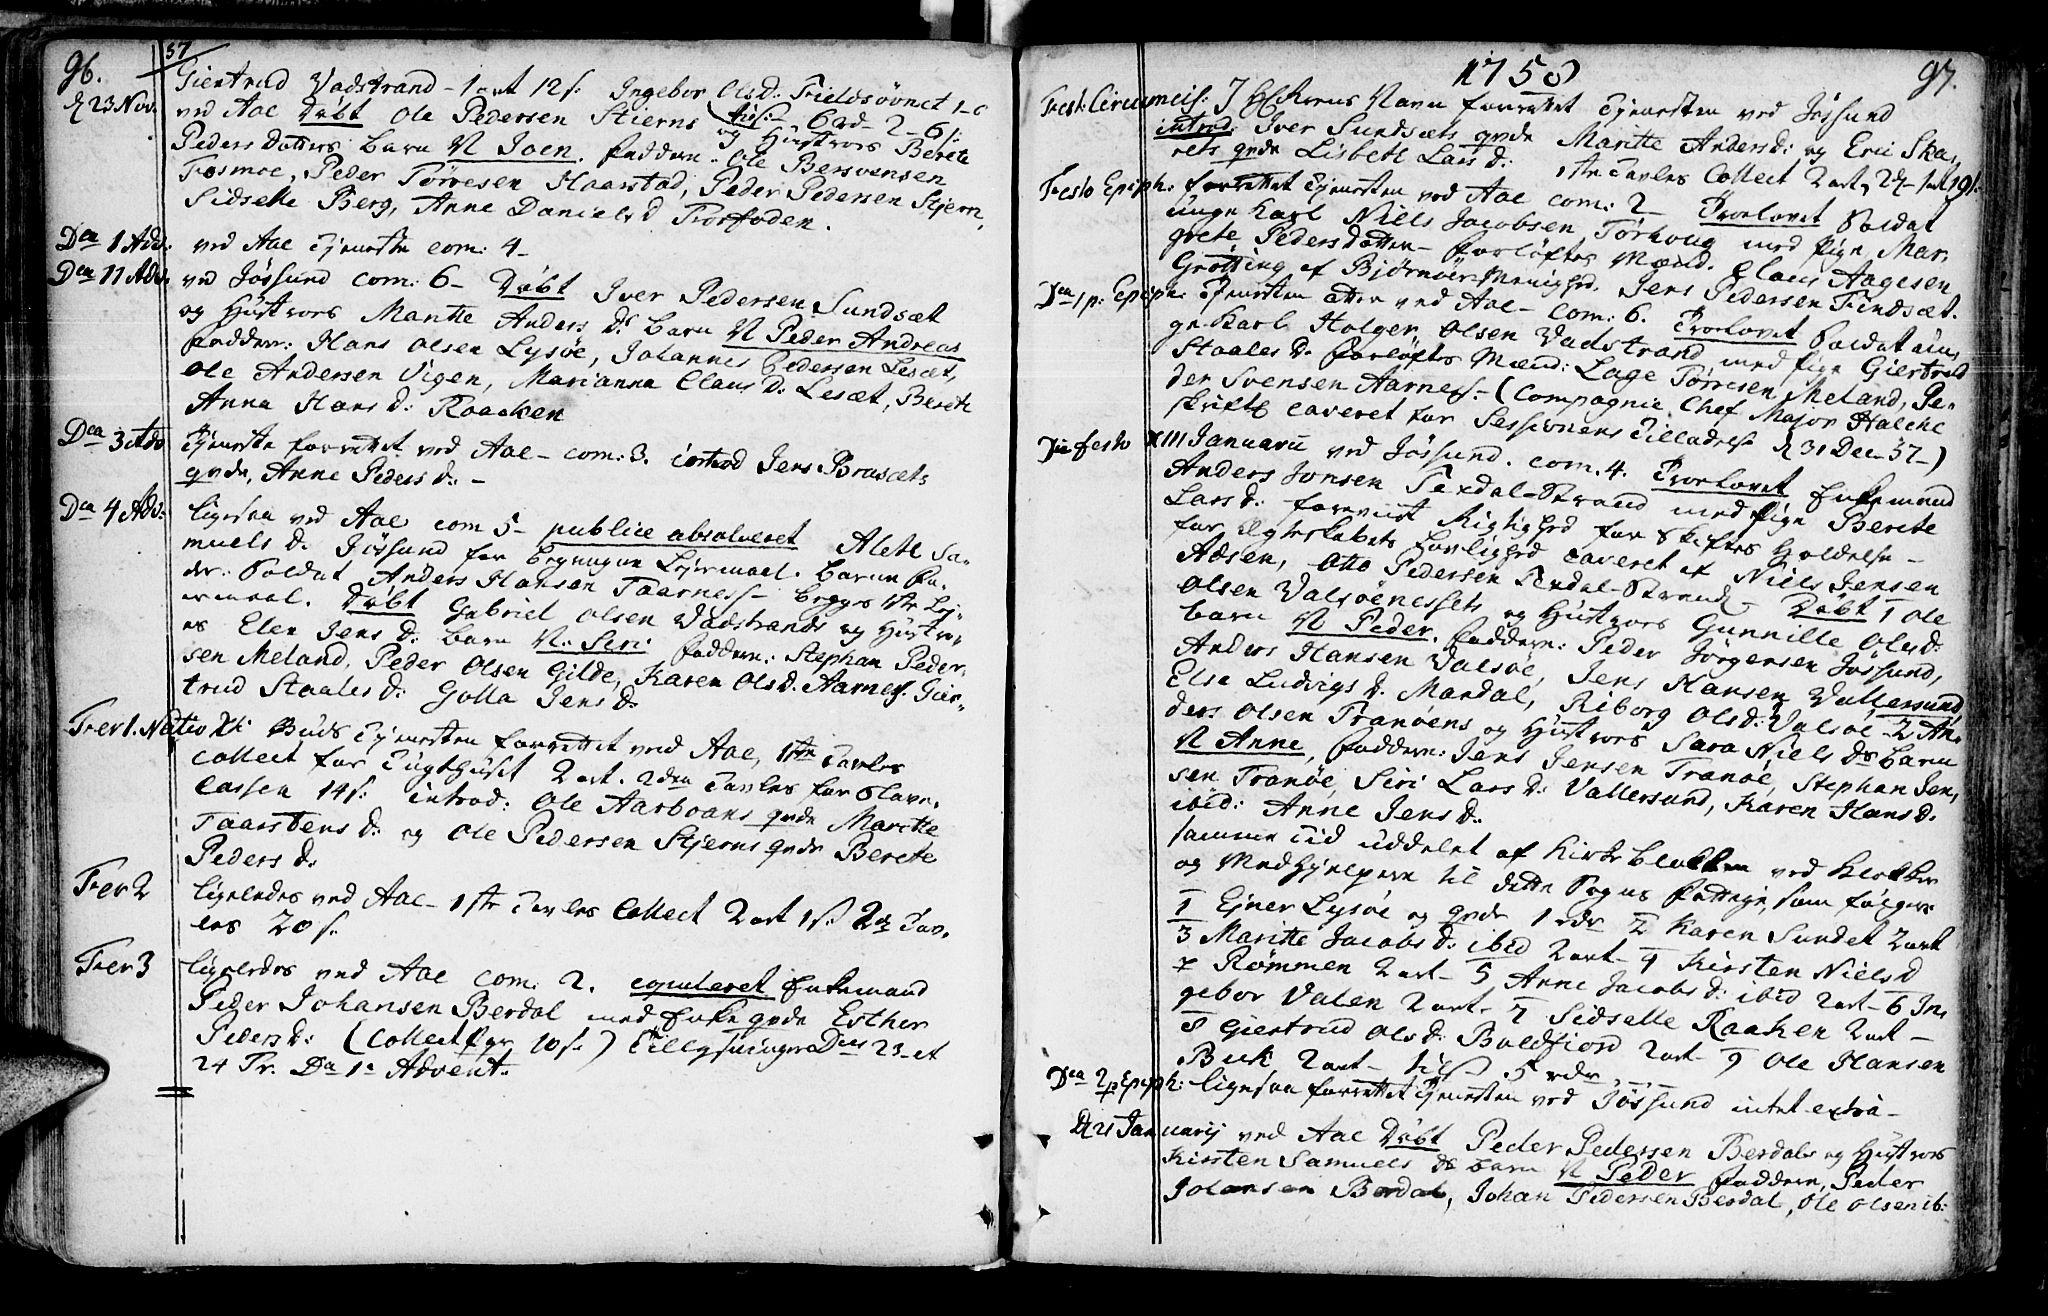 SAT, Ministerialprotokoller, klokkerbøker og fødselsregistre - Sør-Trøndelag, 655/L0672: Ministerialbok nr. 655A01, 1750-1779, s. 96-97